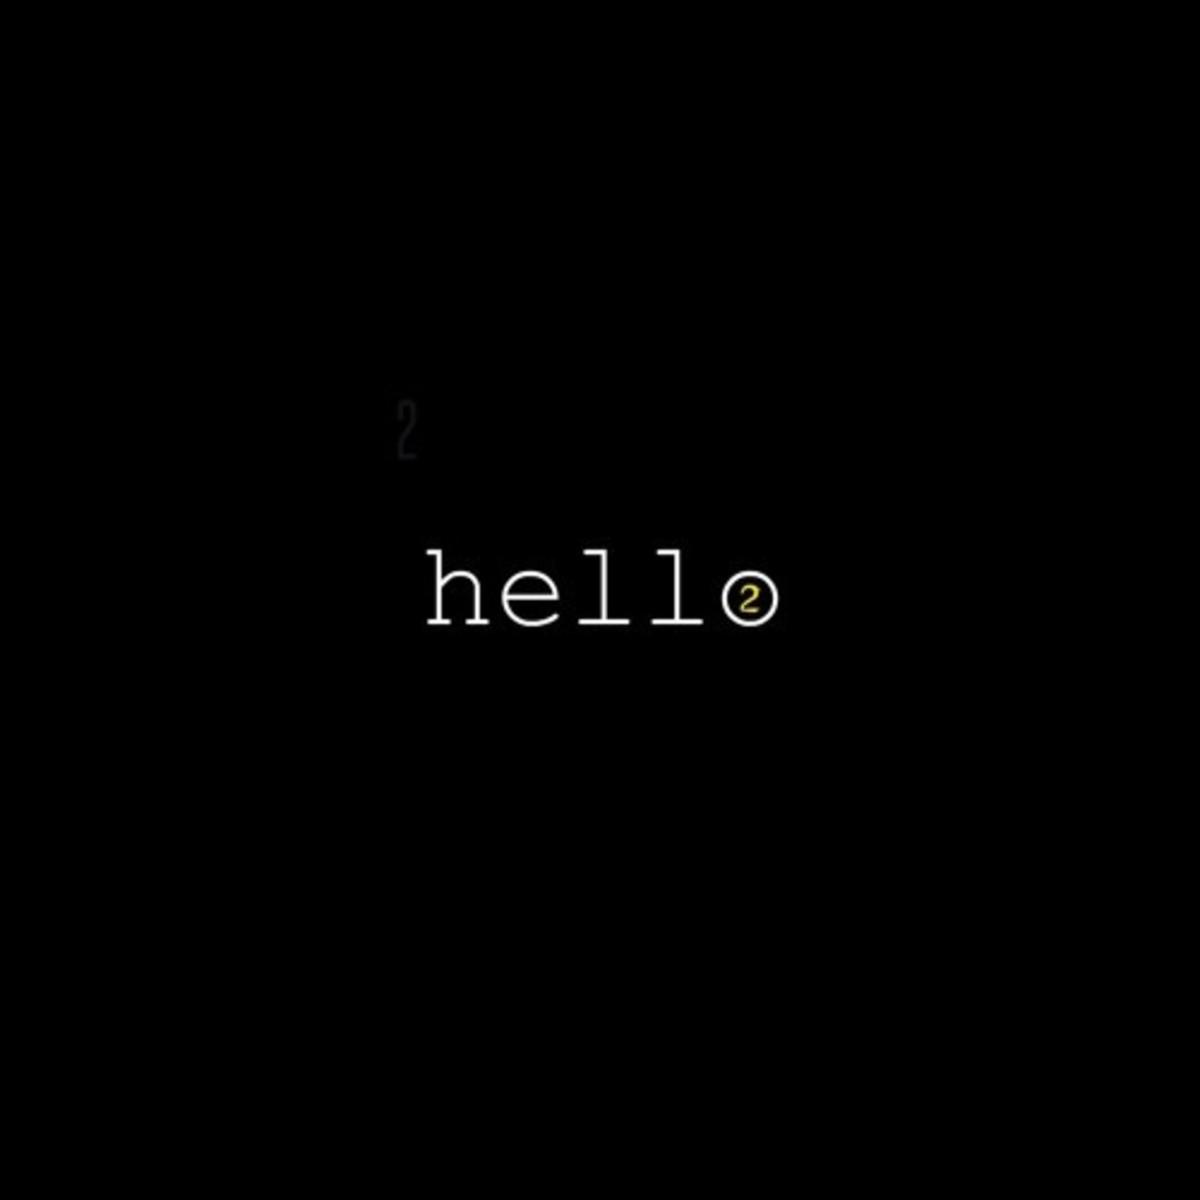 jay-idk-hello-pt-2.jpg